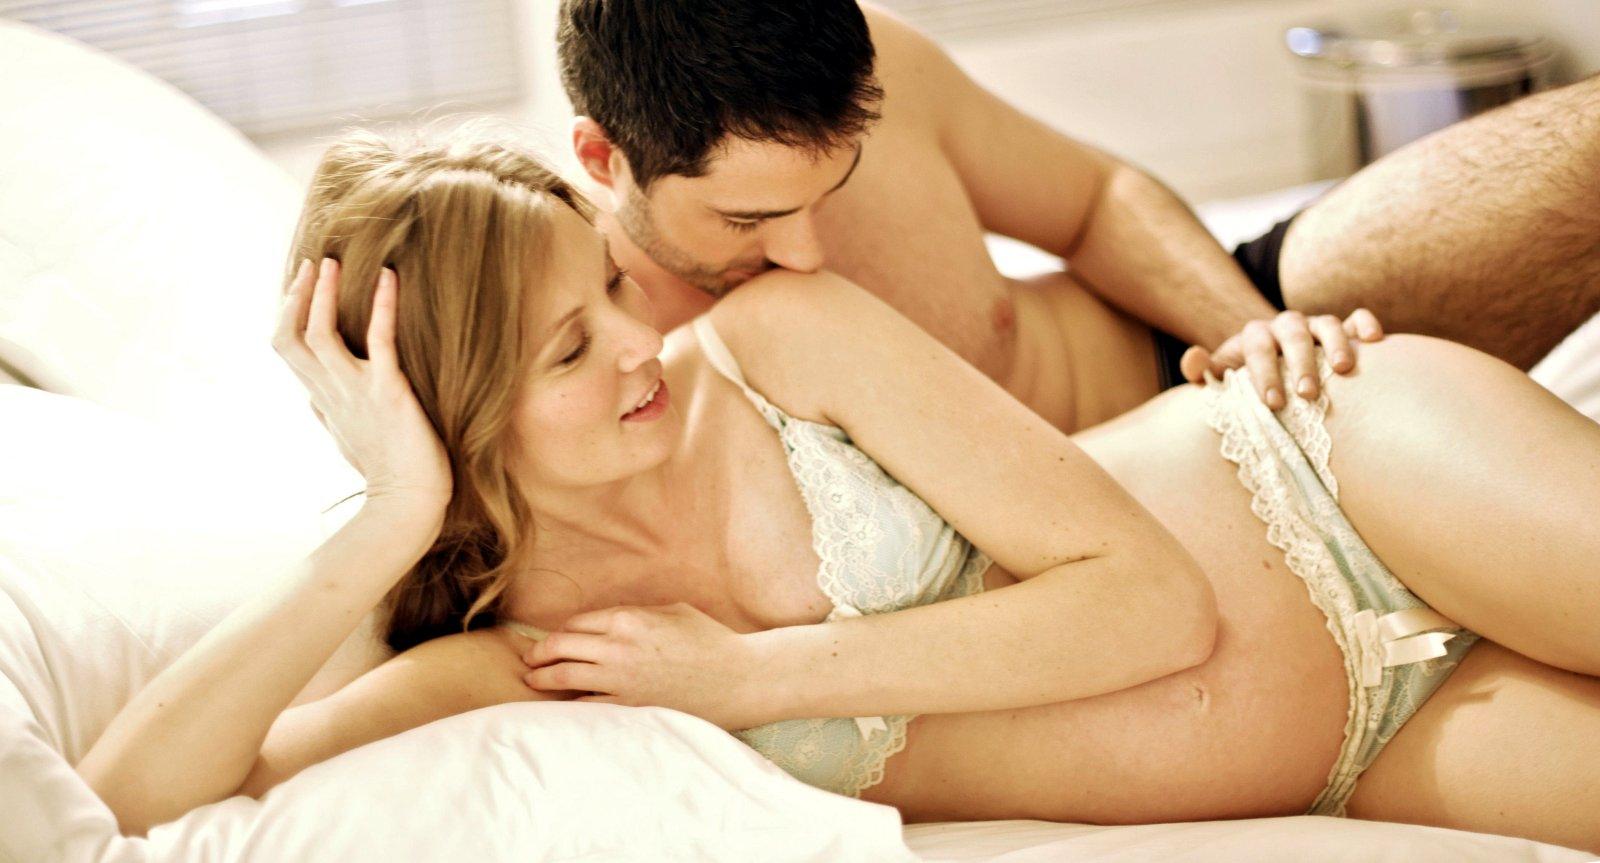 skolko-mozhno-zanimatsya-beremennim-seksom